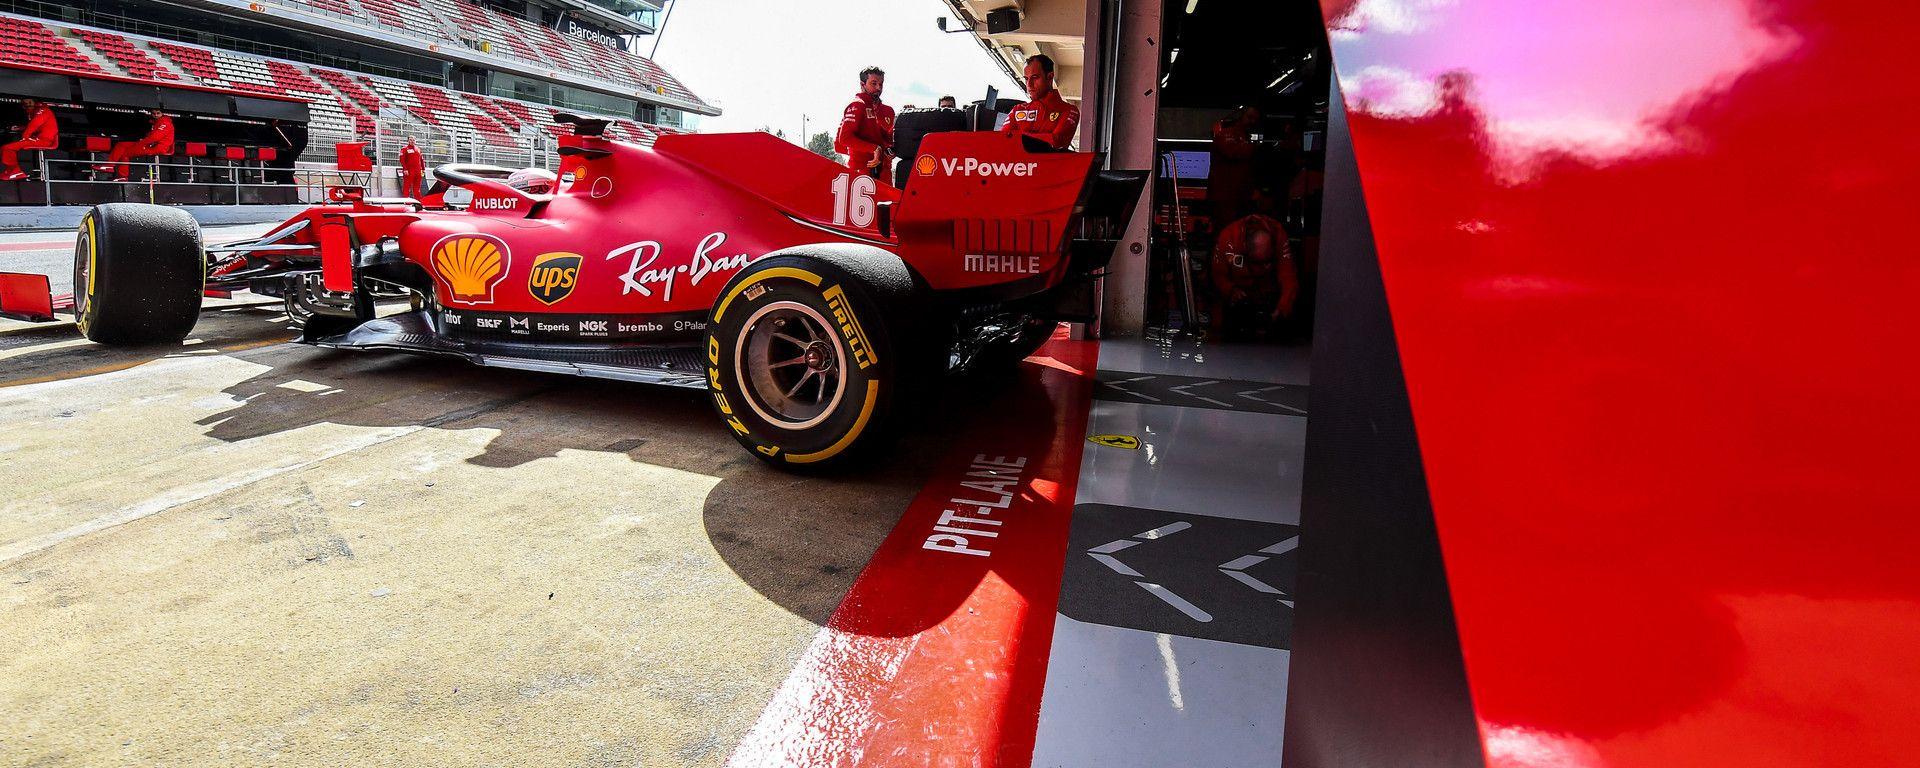 F1 Test Barcellona 2020: la Ferrari SF1000 esce dai box del Montmelò